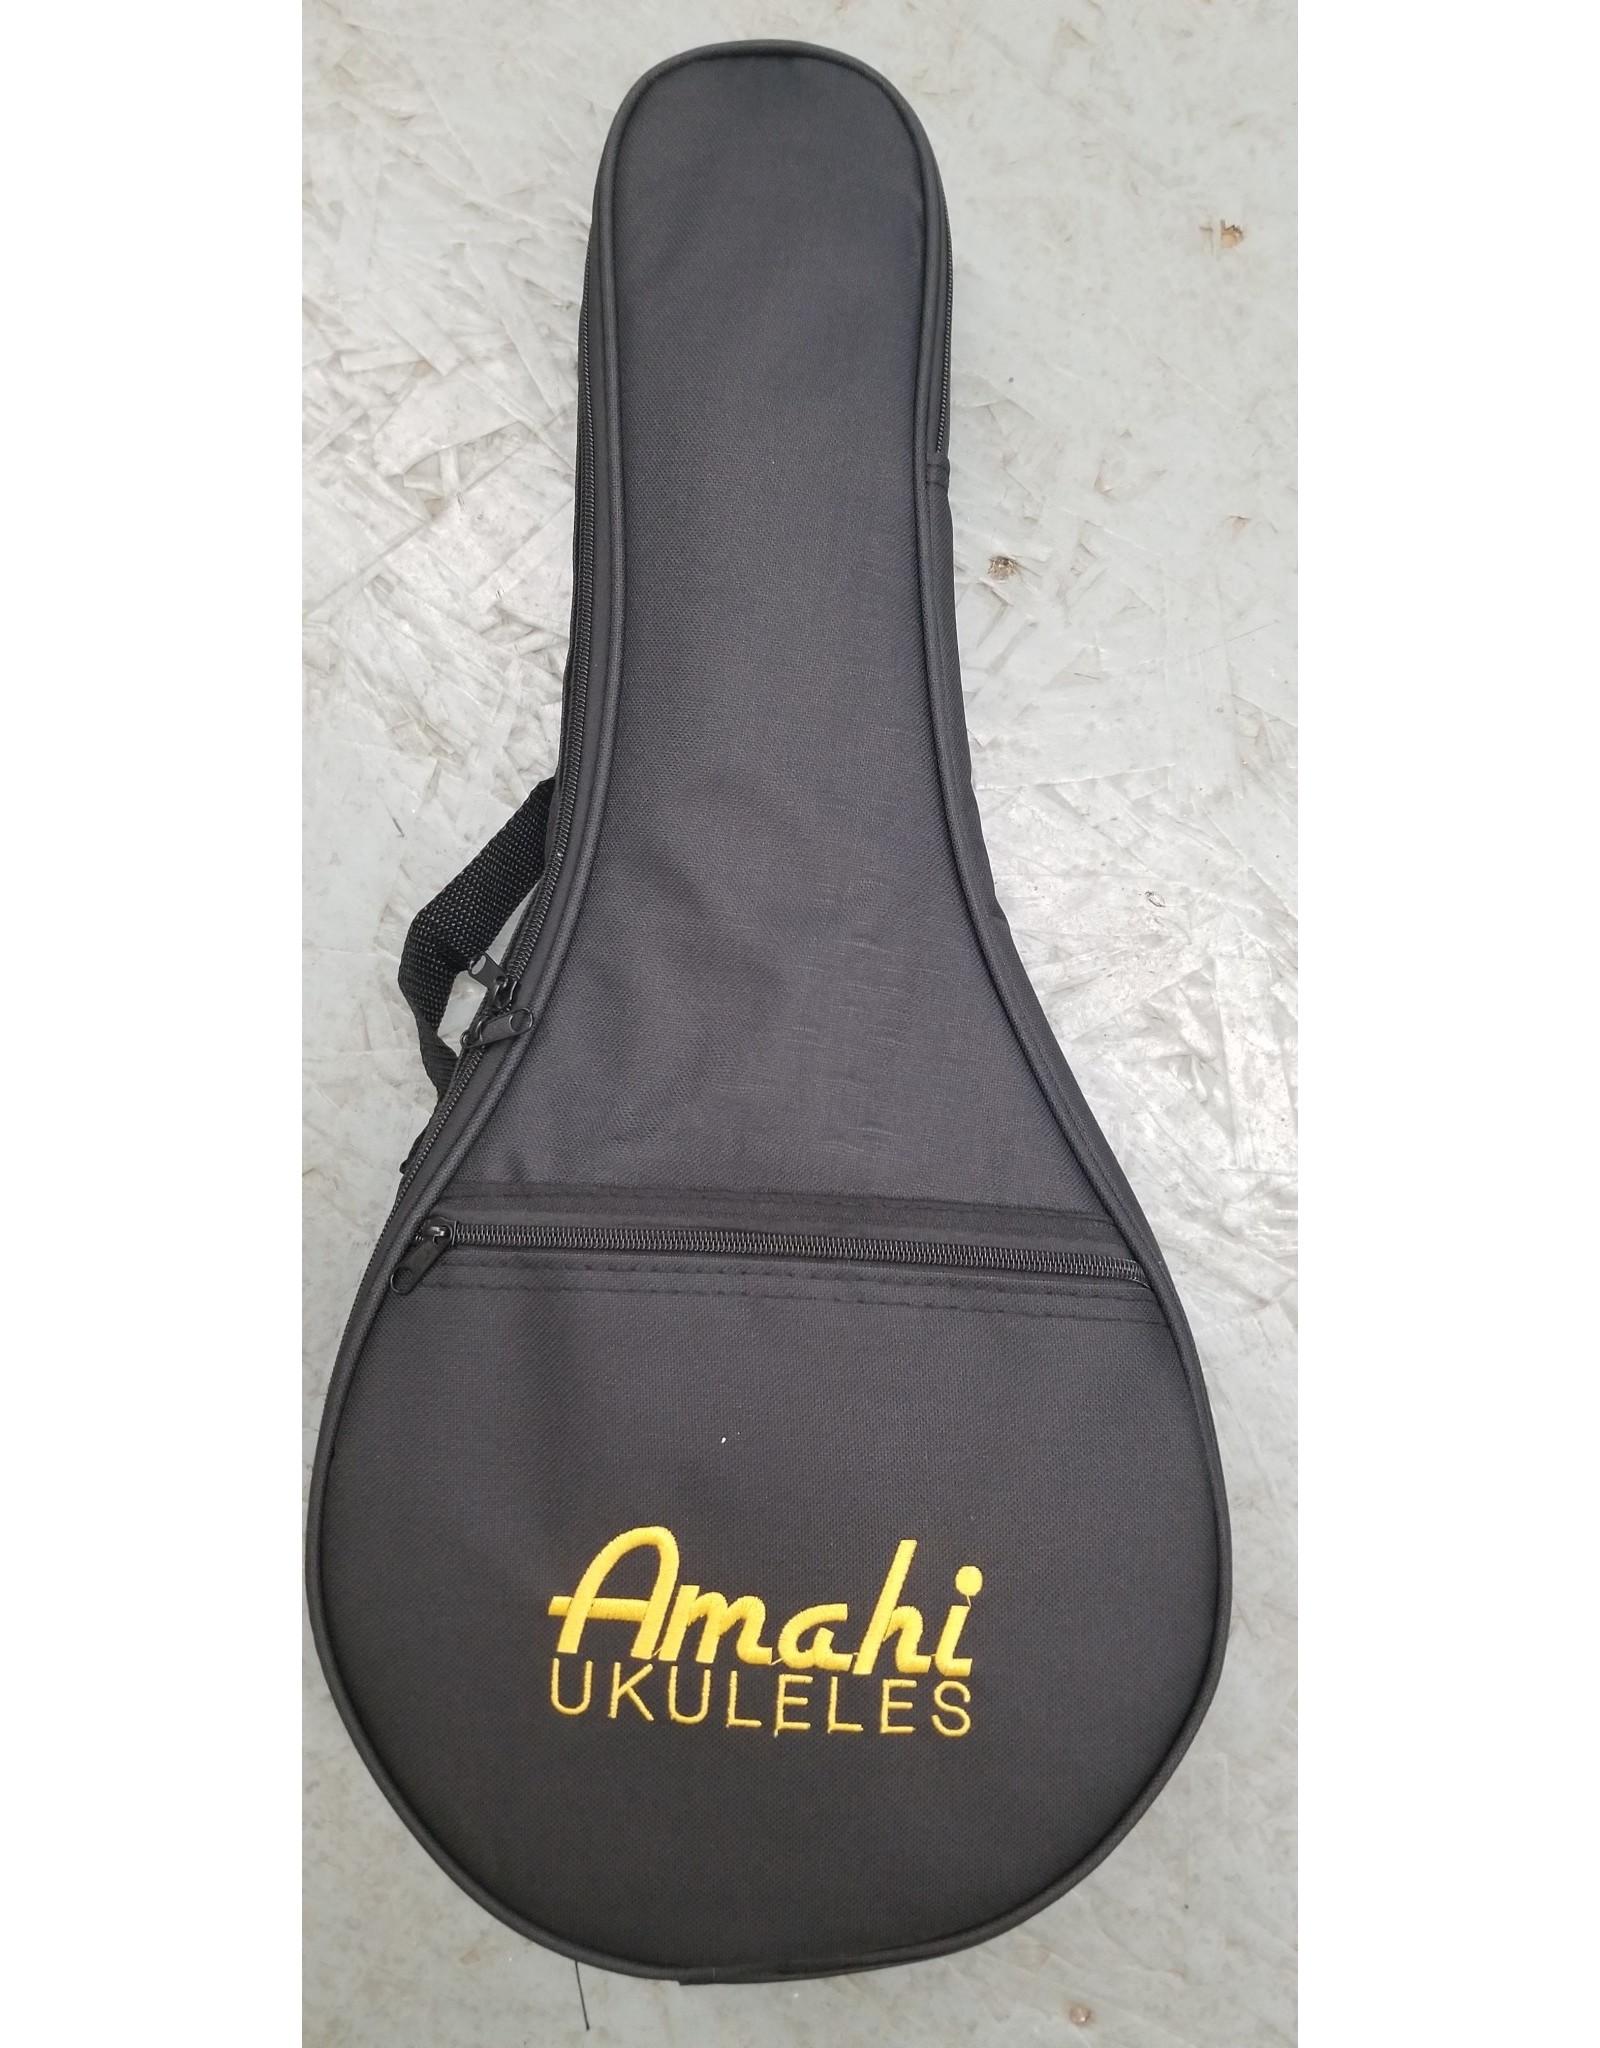 Amahi Amahi Round Body Mahogany Concert Ukulele Aztec LR1